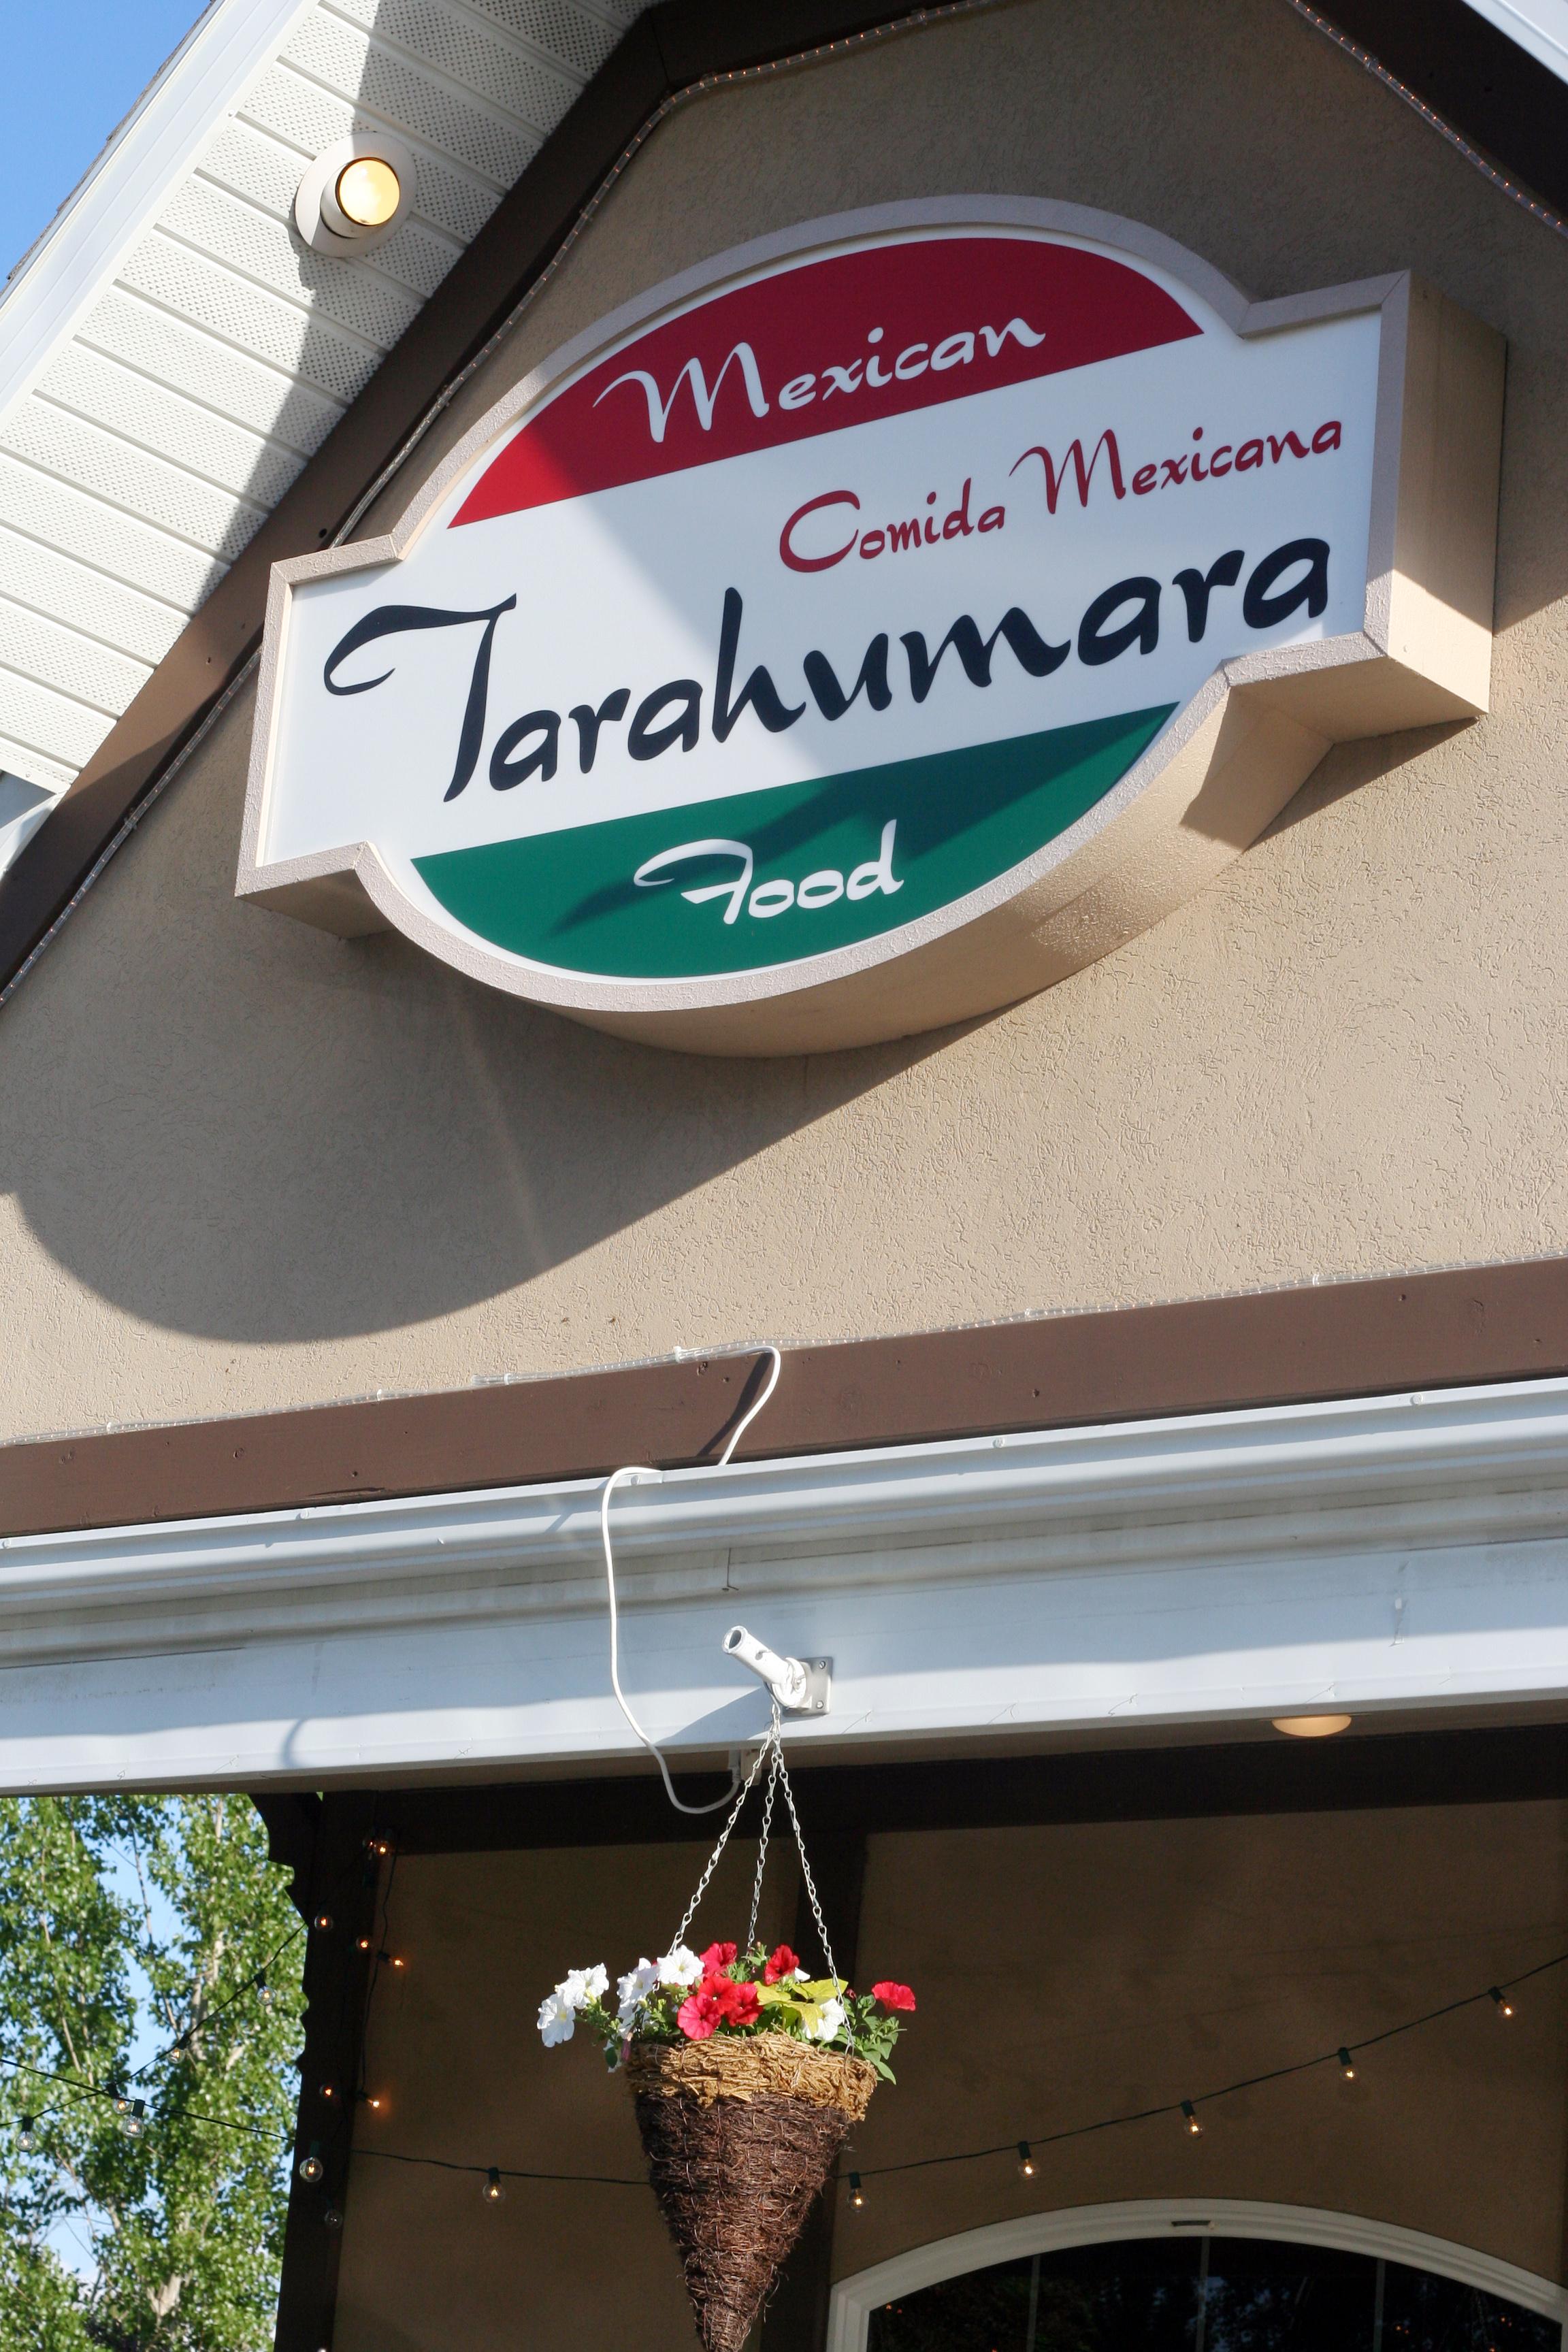 Tarahumara in Midway Utah